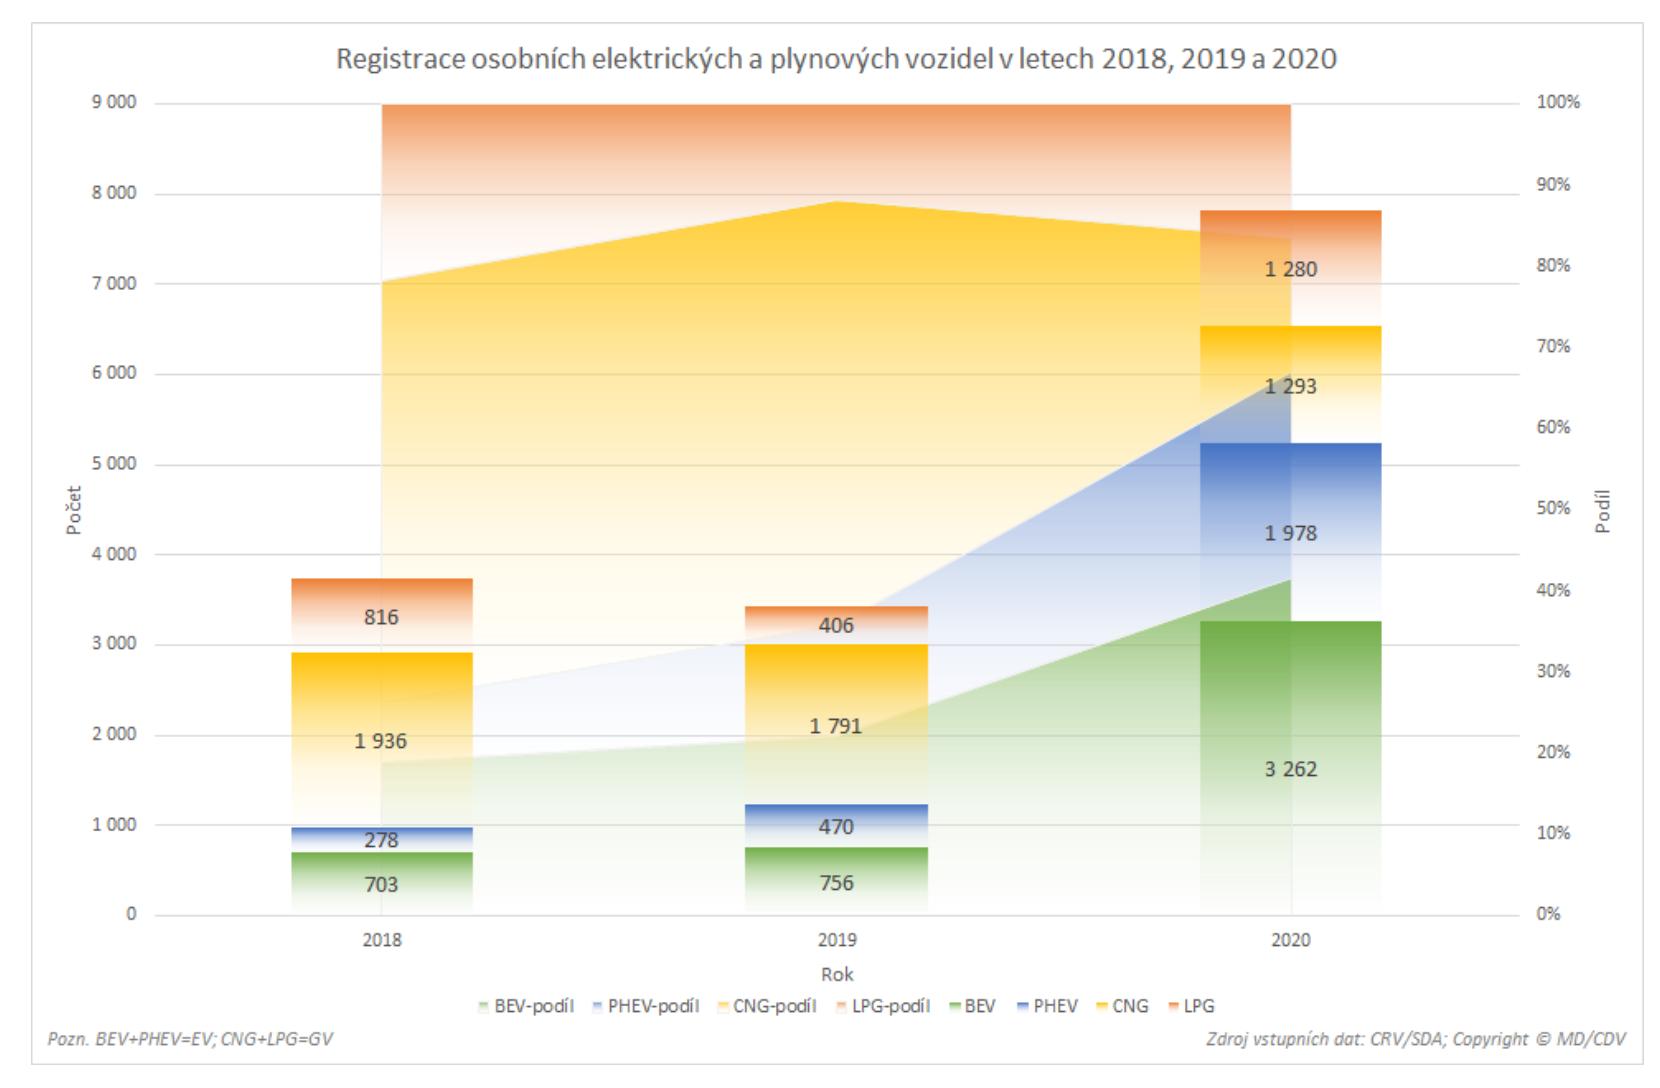 TZ: V roce 2020 bylo v ČR registrováno přes 5 tisíc nových osobních elektrických vozidel 02